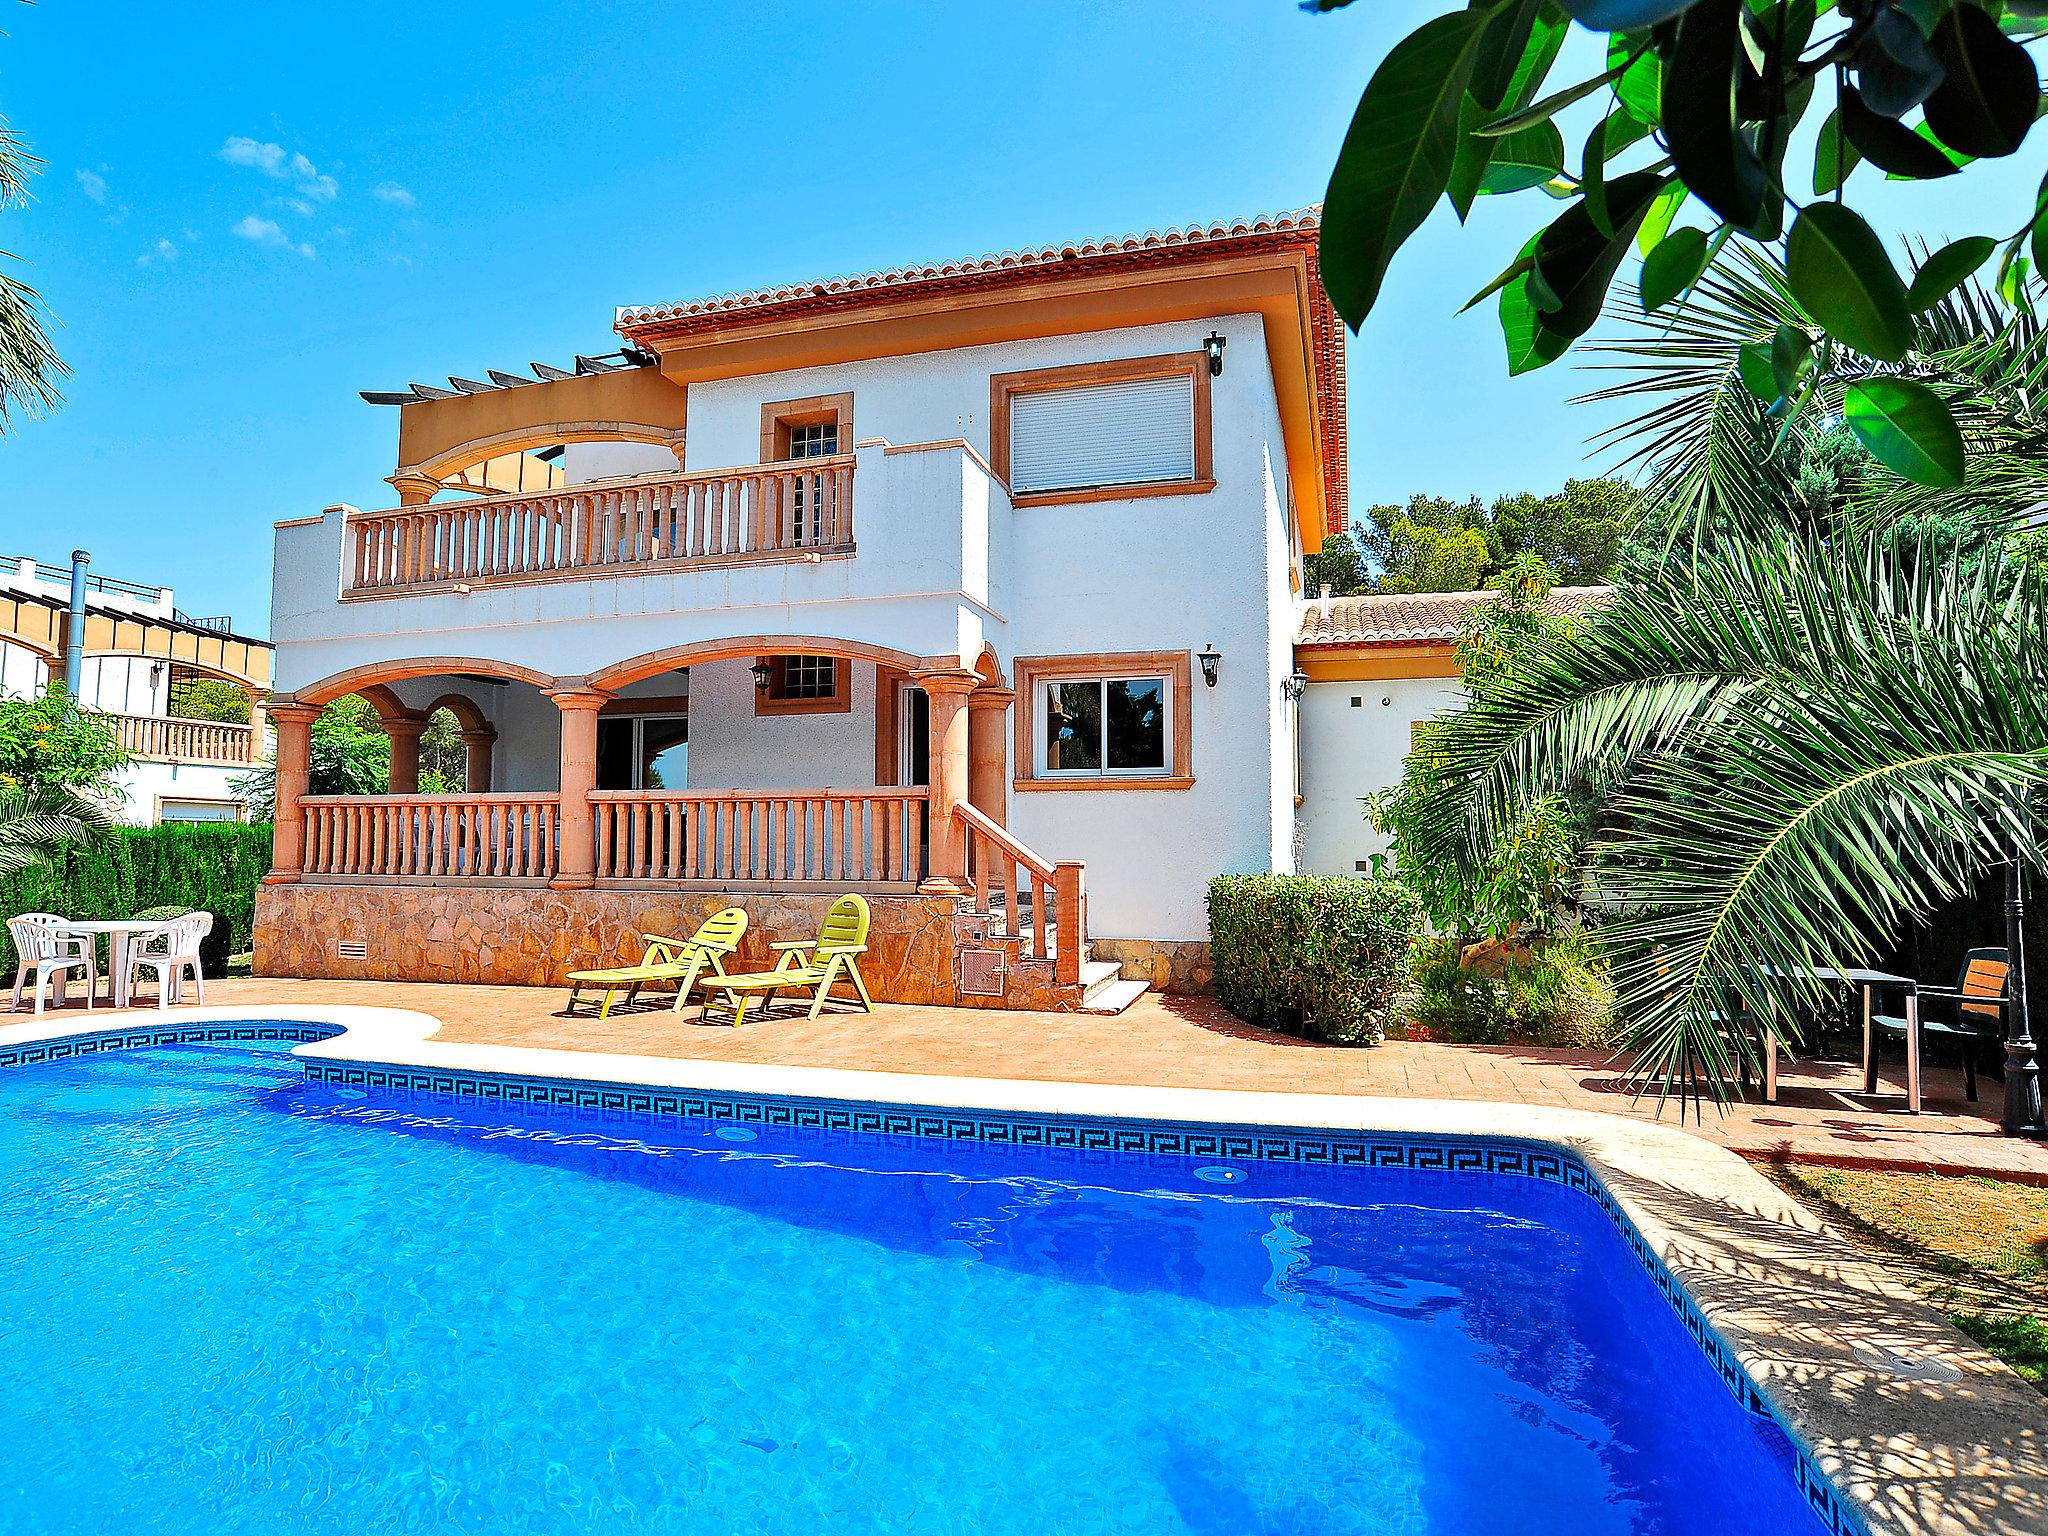 Villa Remol,Javea,Costa Blanca #2